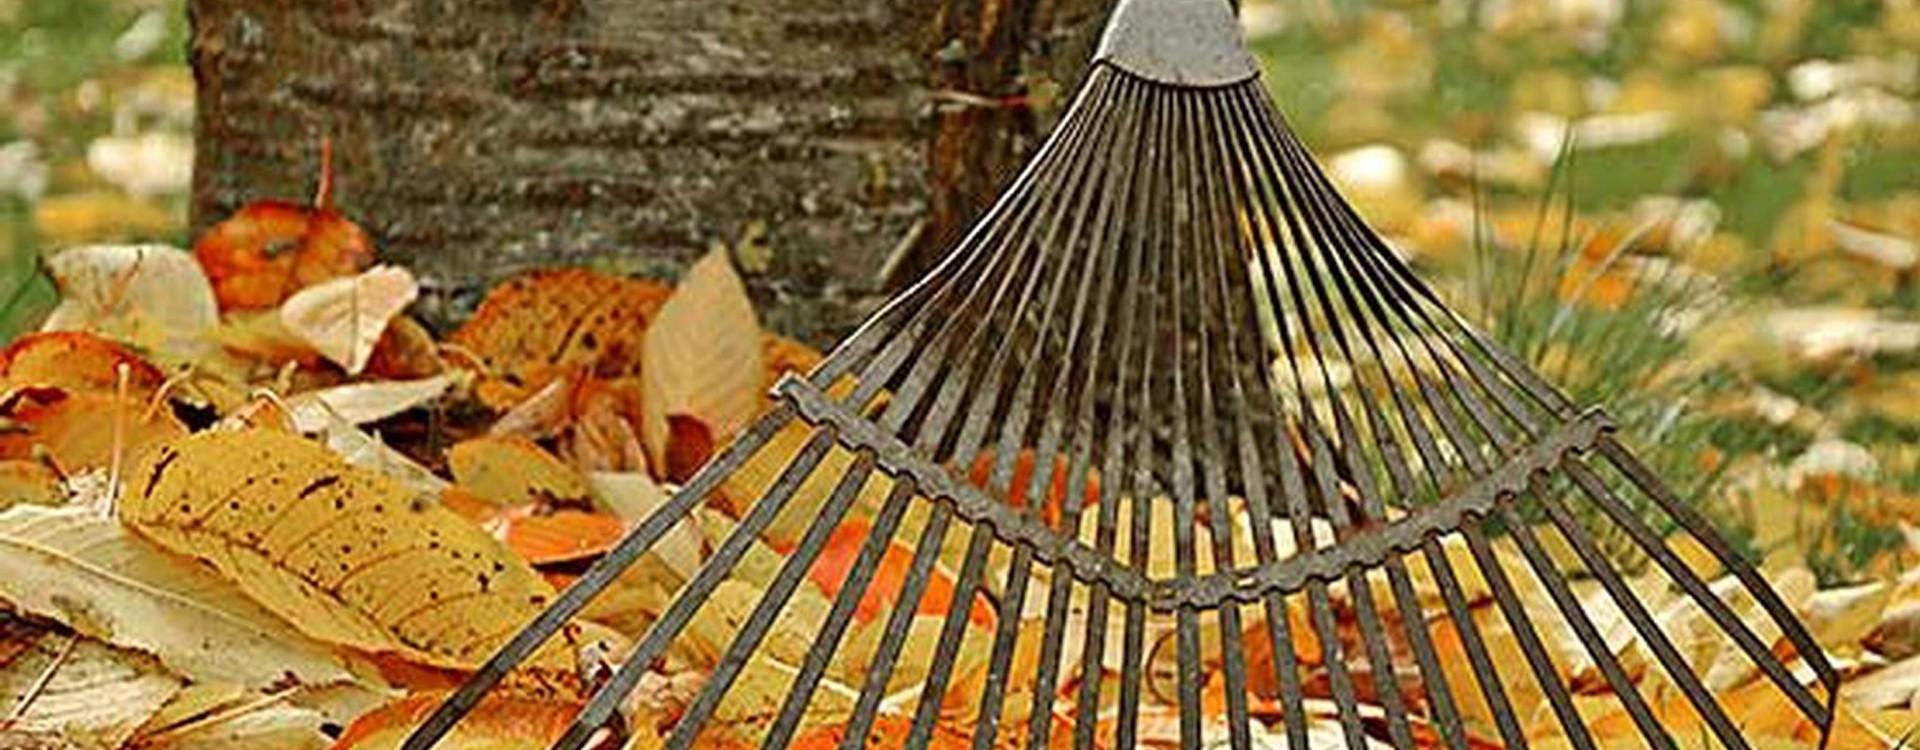 Comment entretenir son jardin en hiver : le matériel indispensable